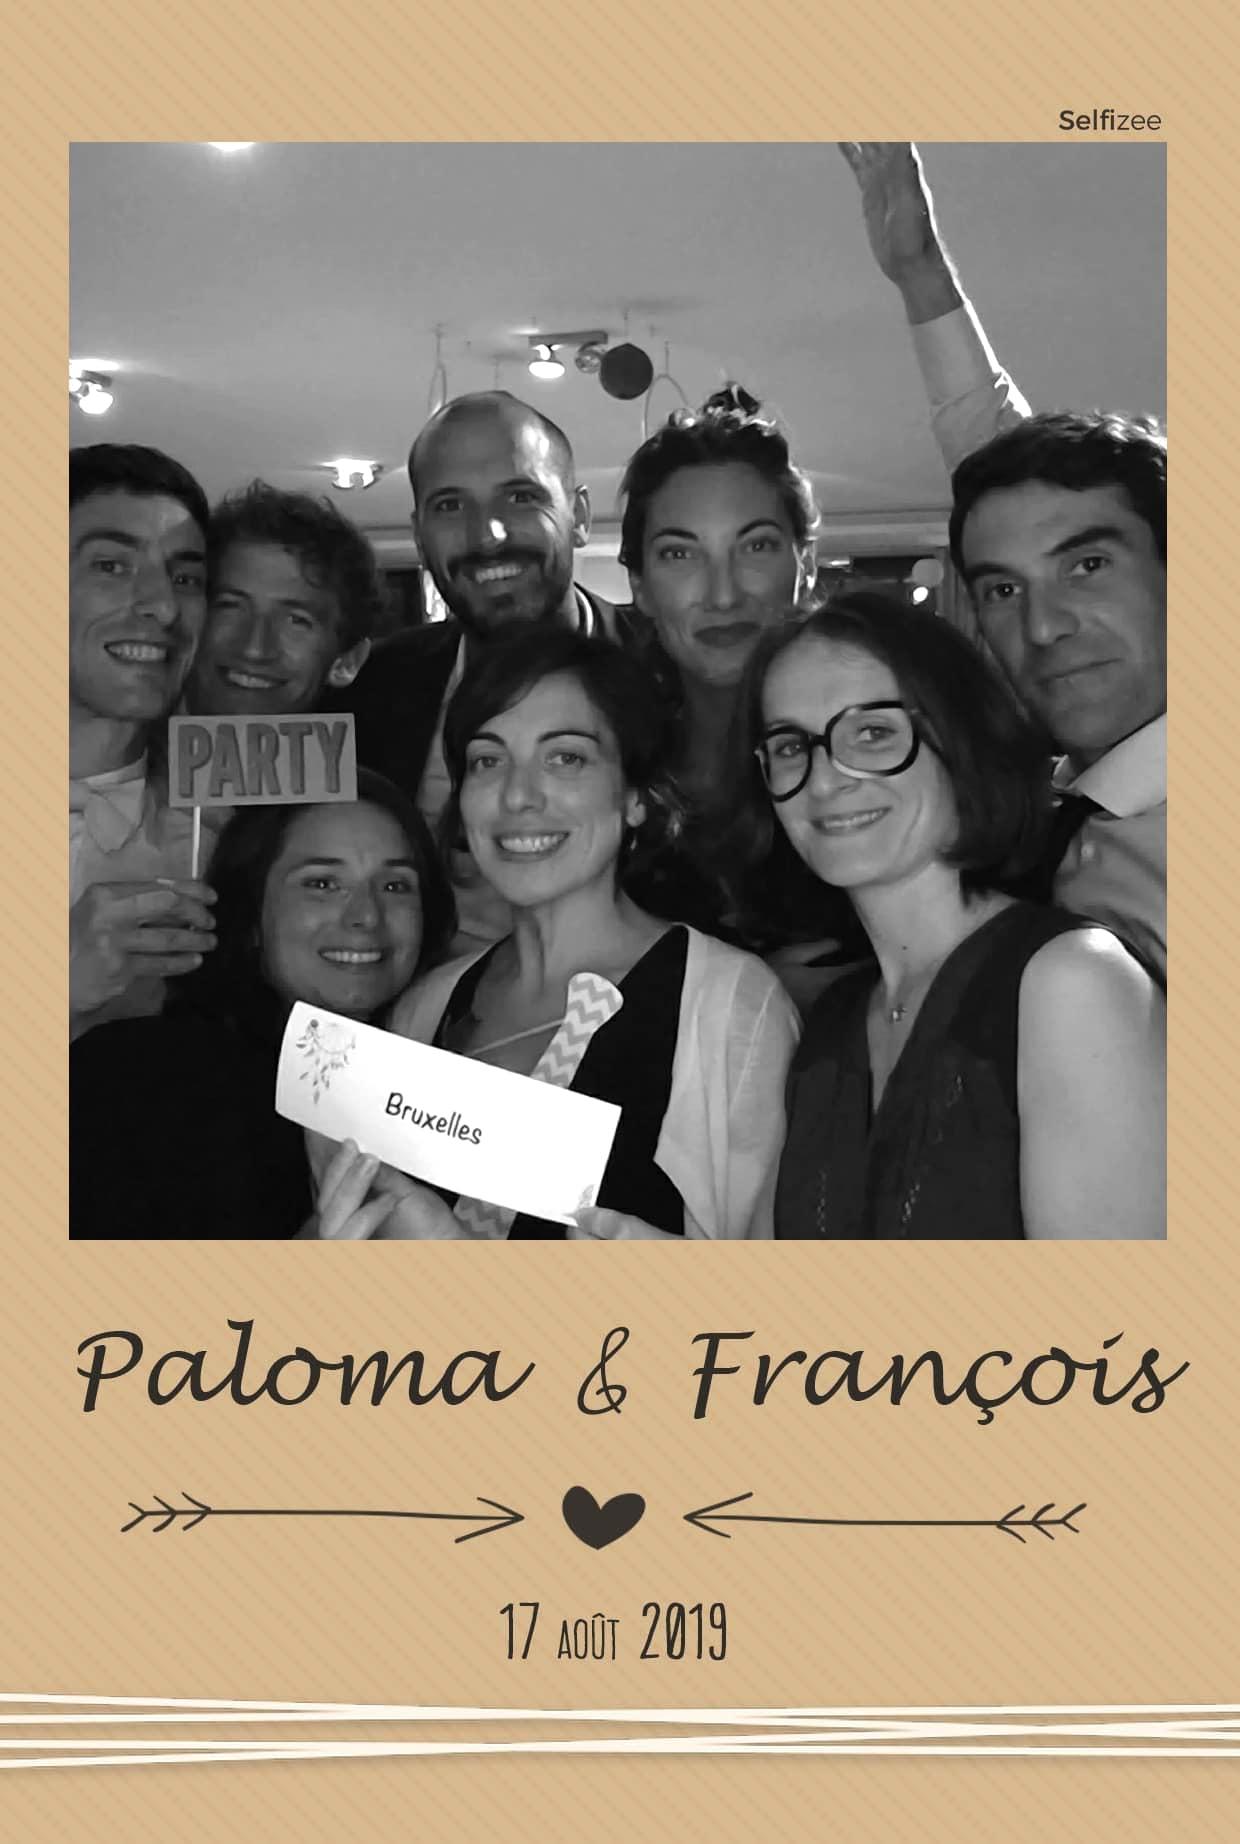 Photobooth connectée pour selfie mariage personnalisé et impressions photos immédiates à Saint Nazaire en Loire Atlantique